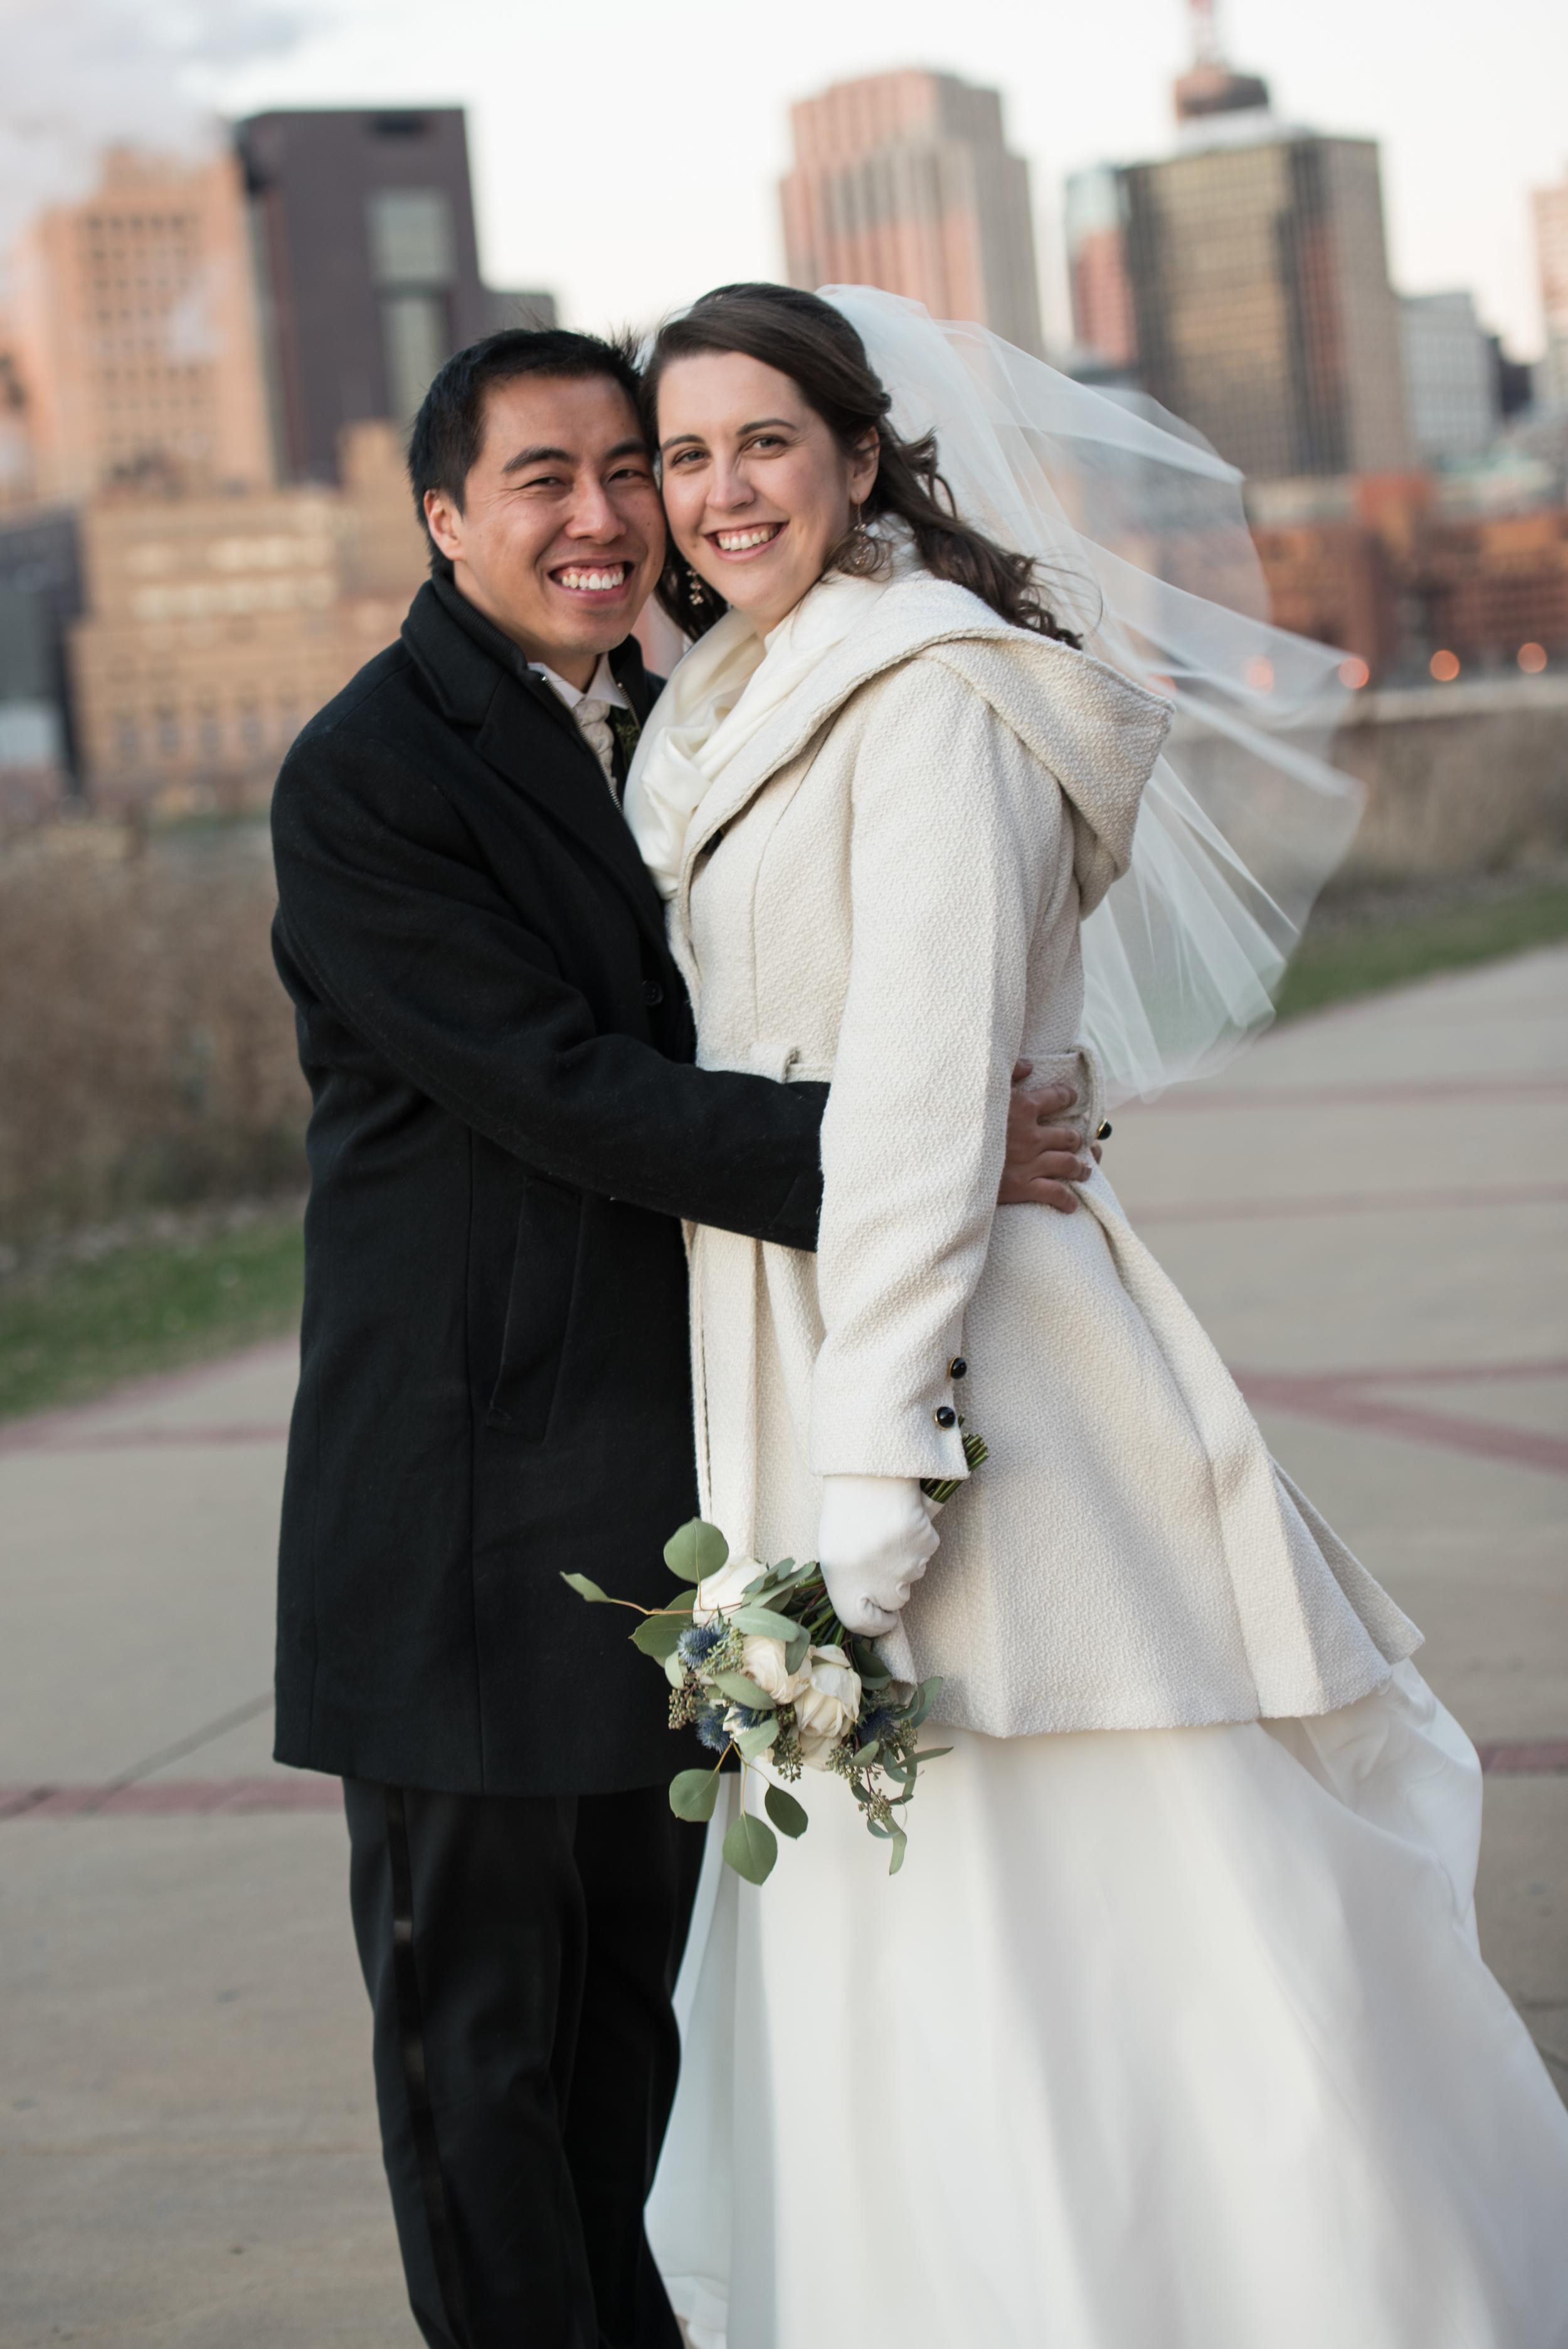 Michelle & David, St. Paul couple